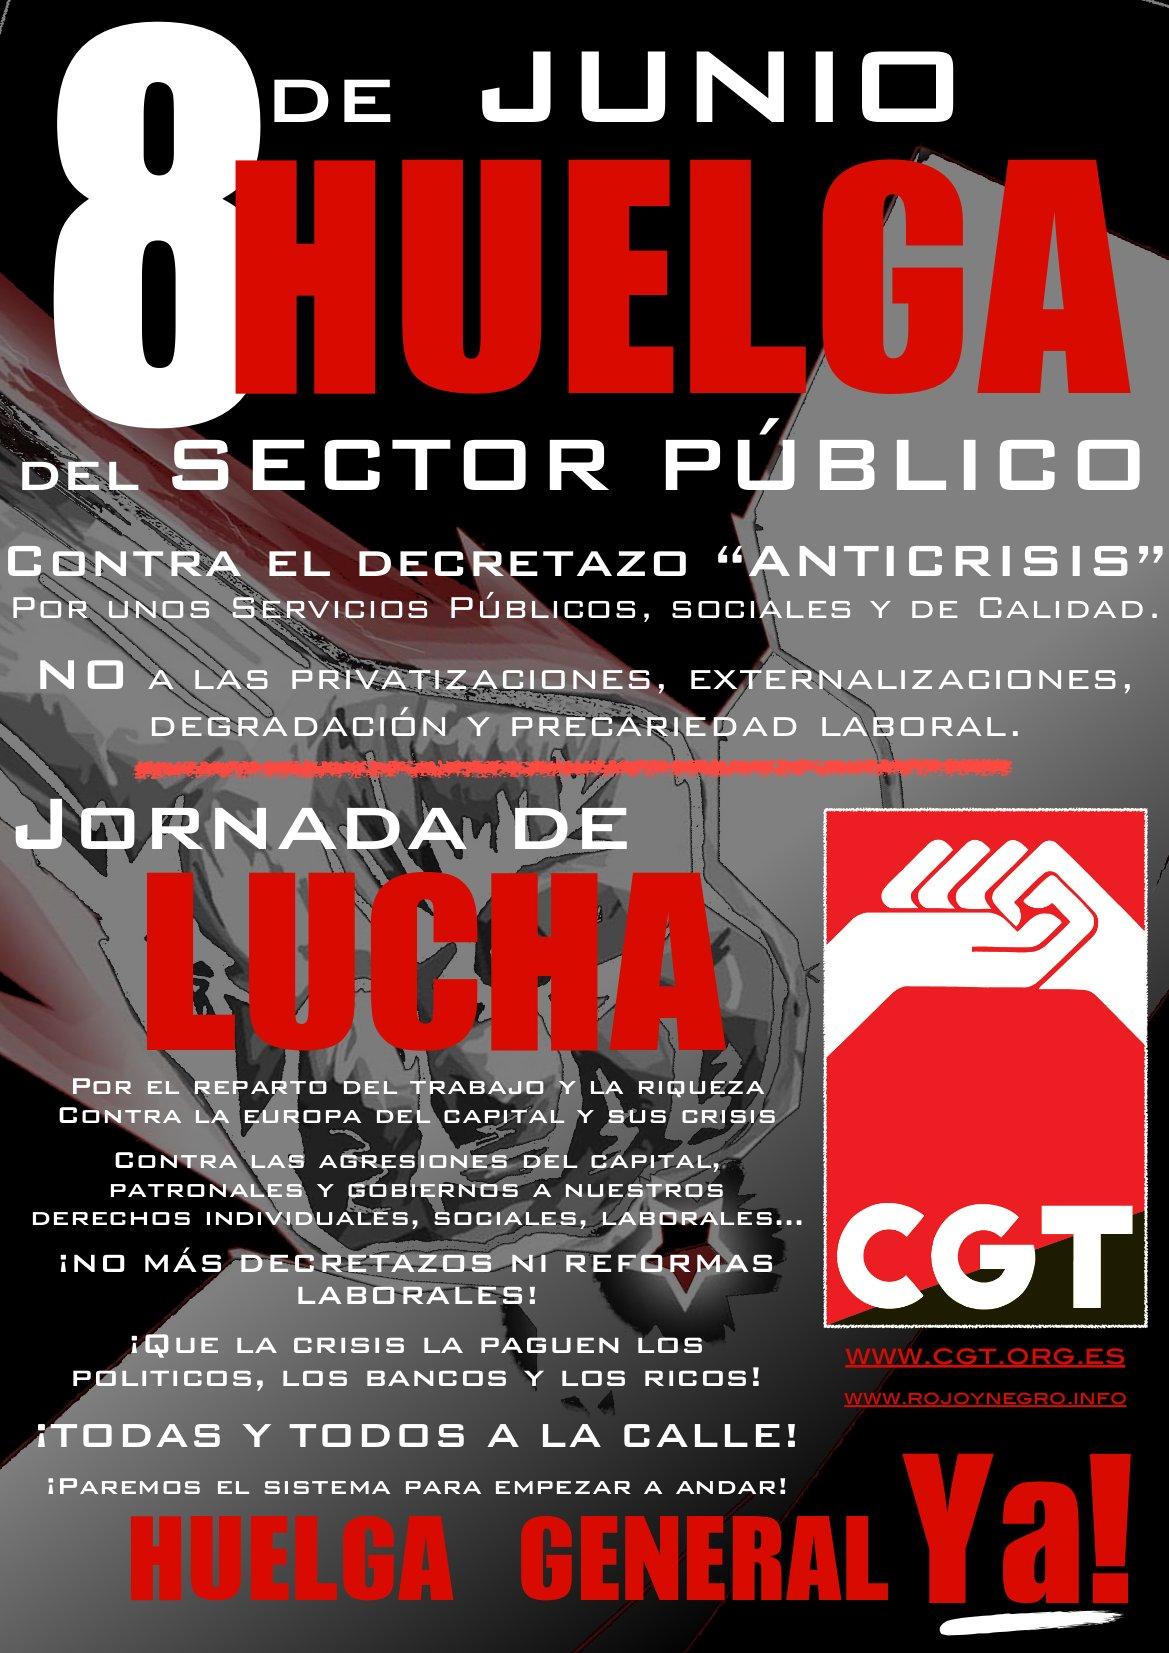 8 de Junio: HUELGA en el Sector Público y JORNADA DE LUCHA convocadas por CGT